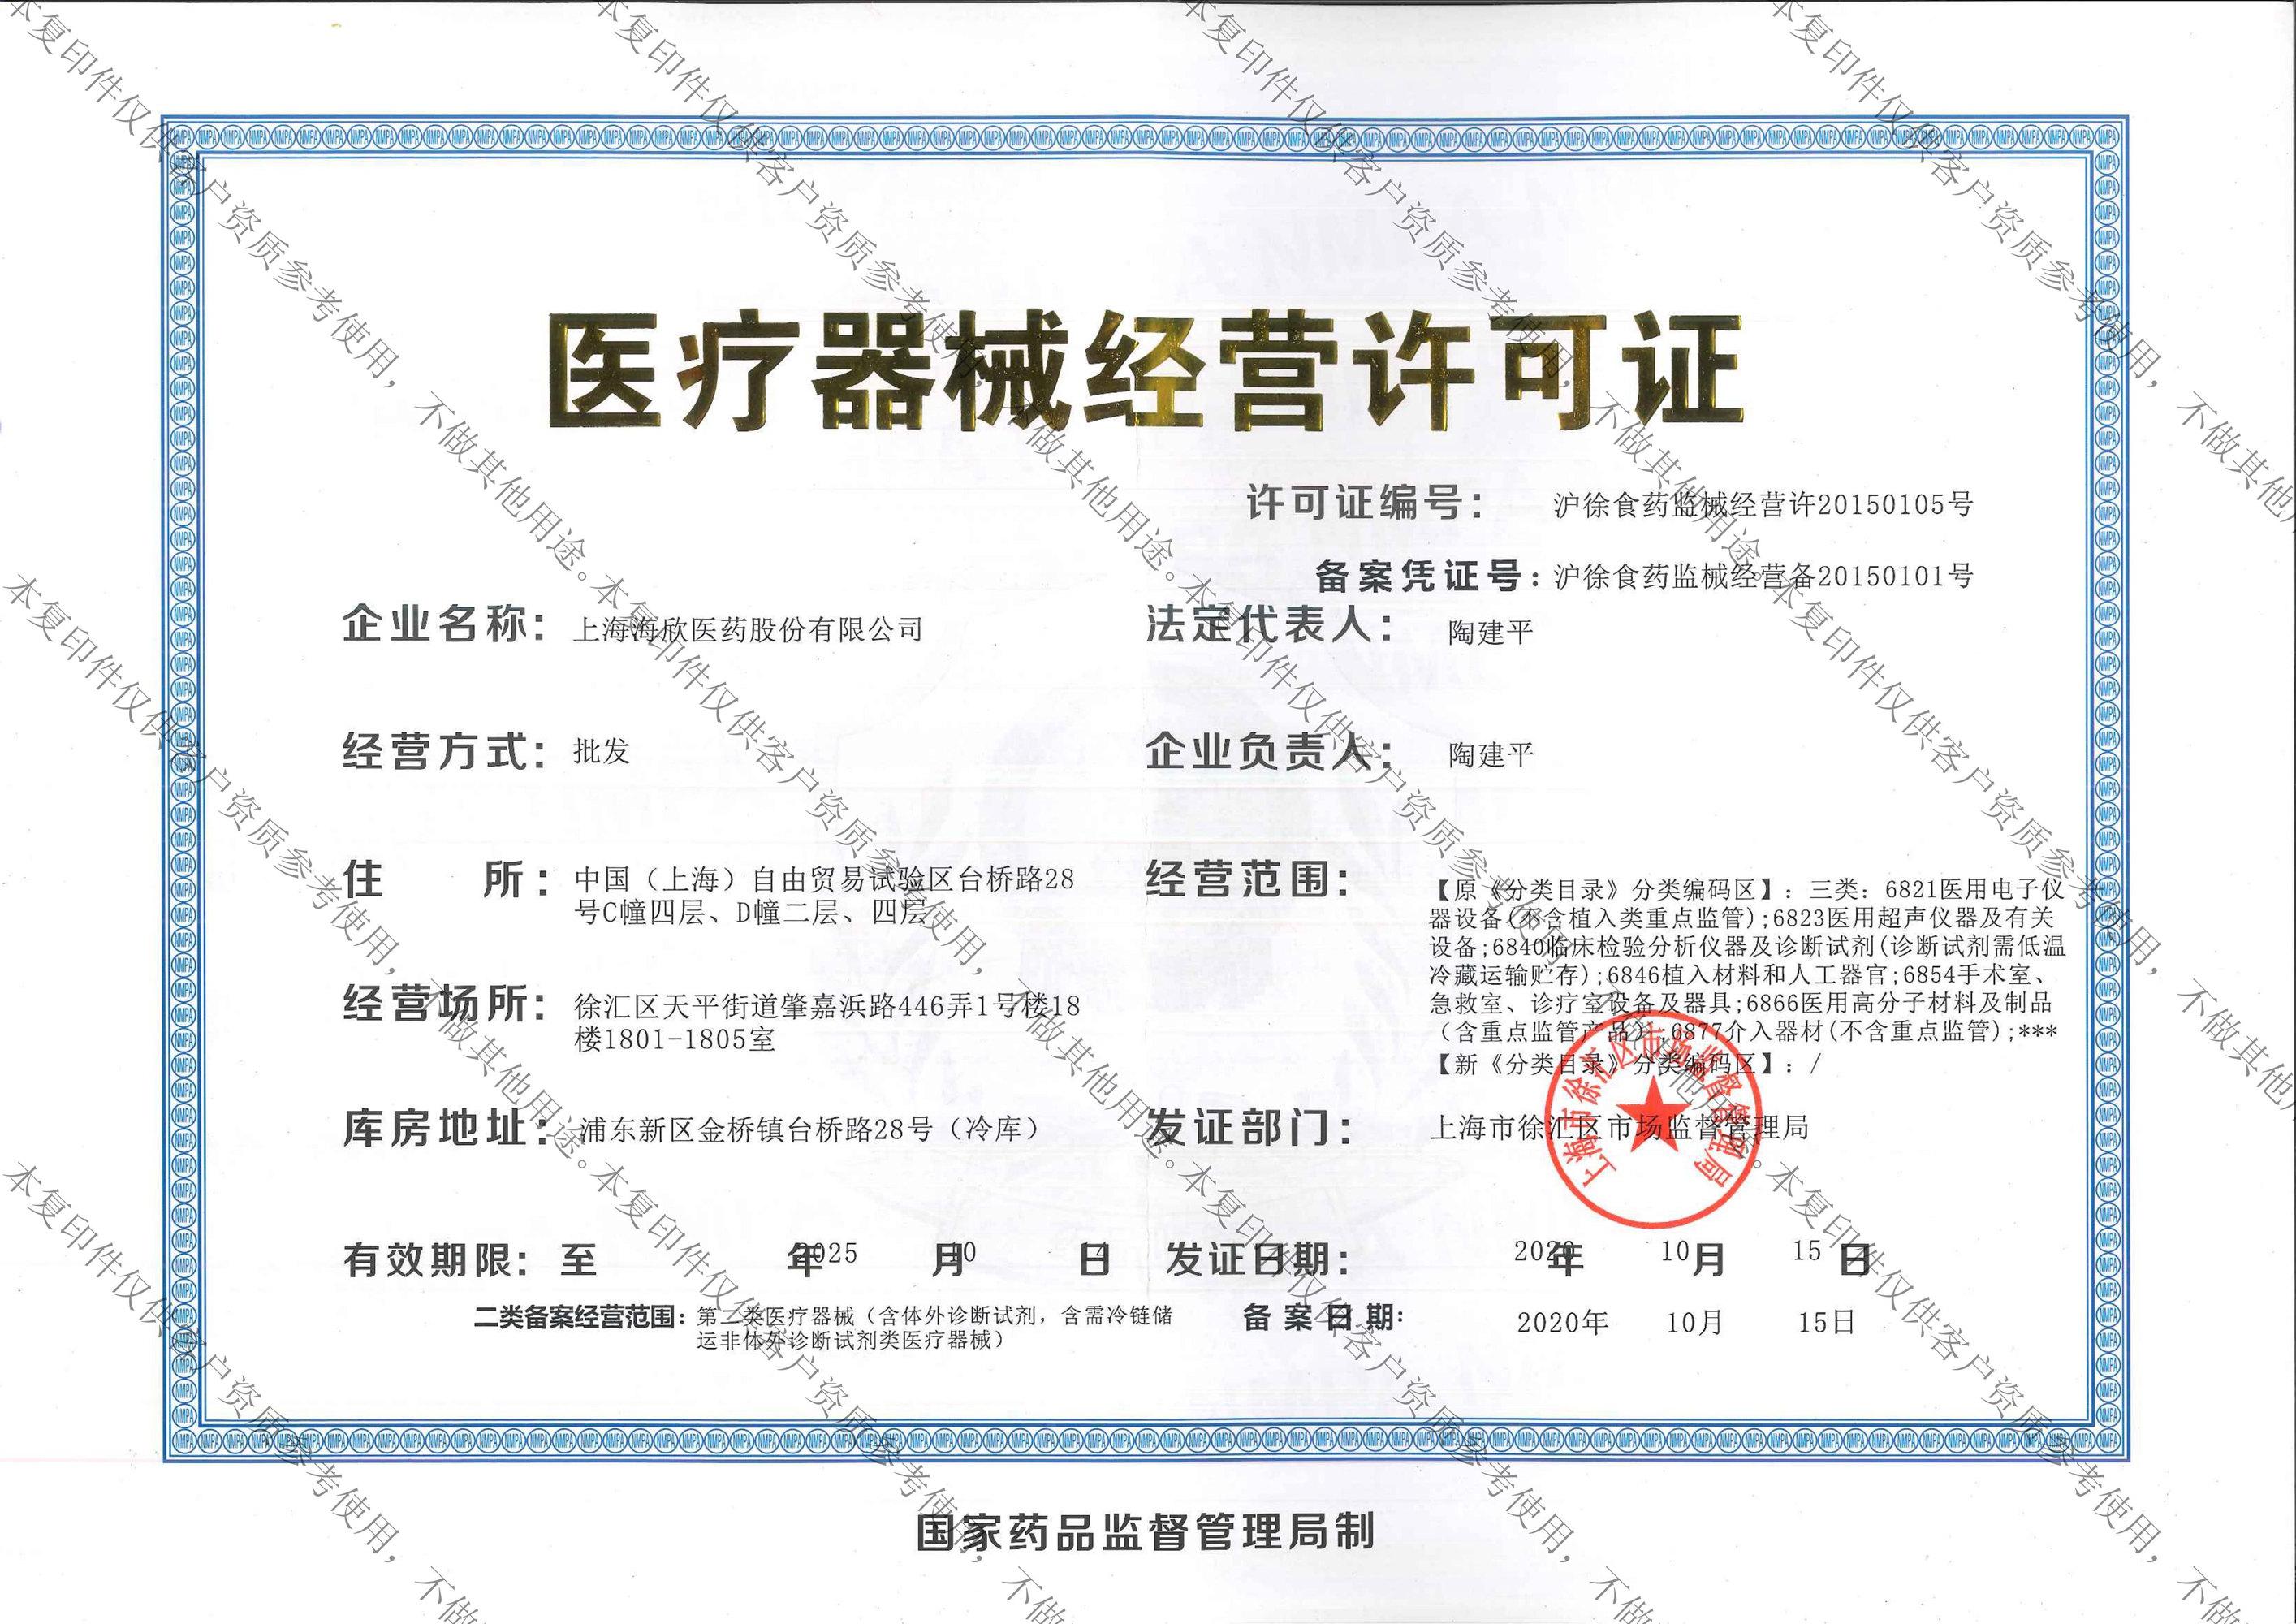 海欣醫藥醫療器械許可證